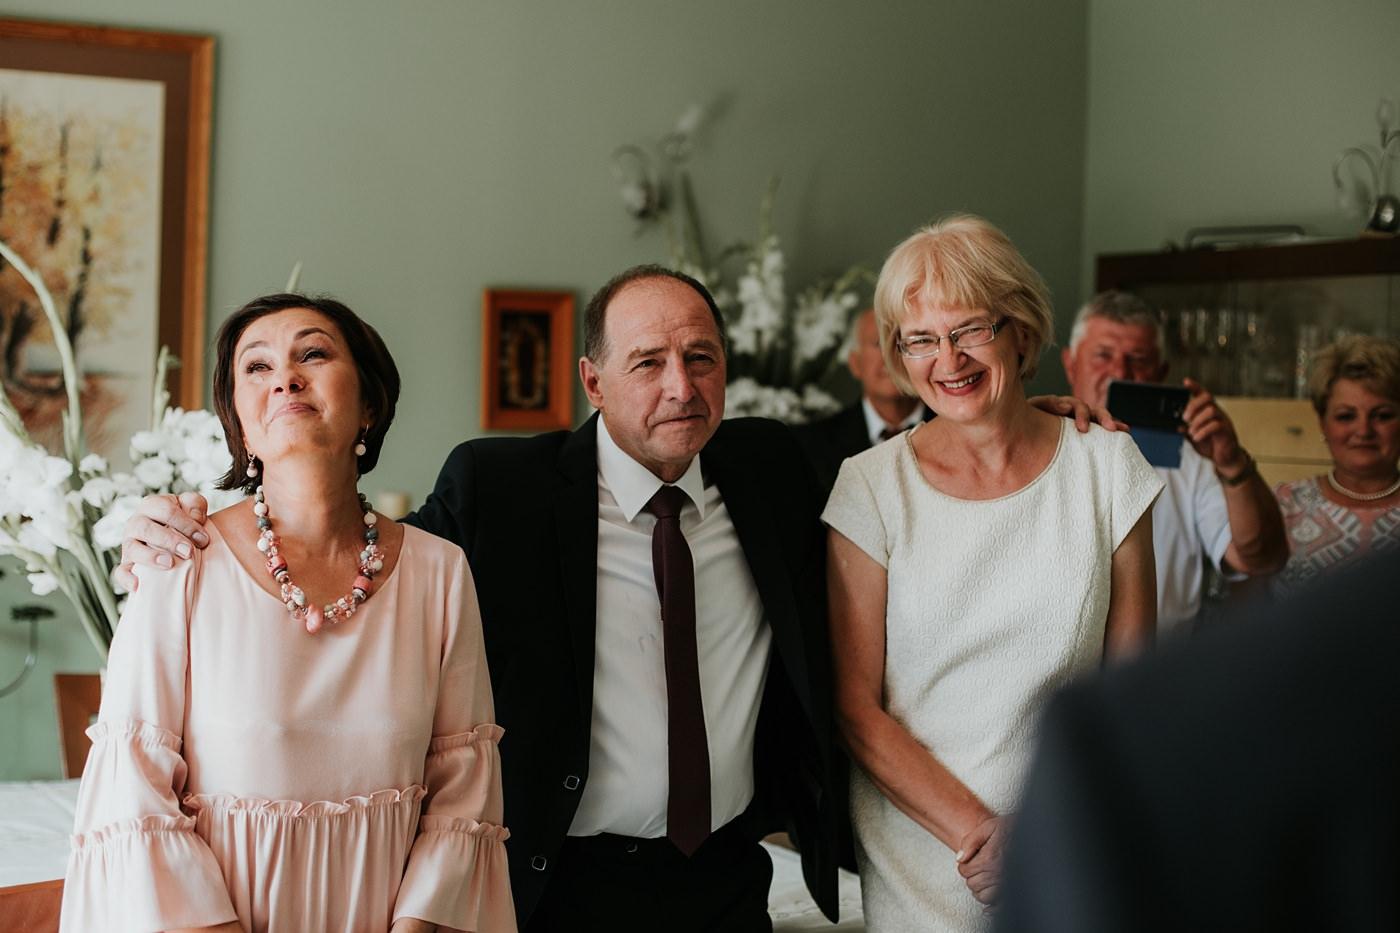 Dominika & Aleksander - Rustykalne wesele w stodole - Baborówko 24